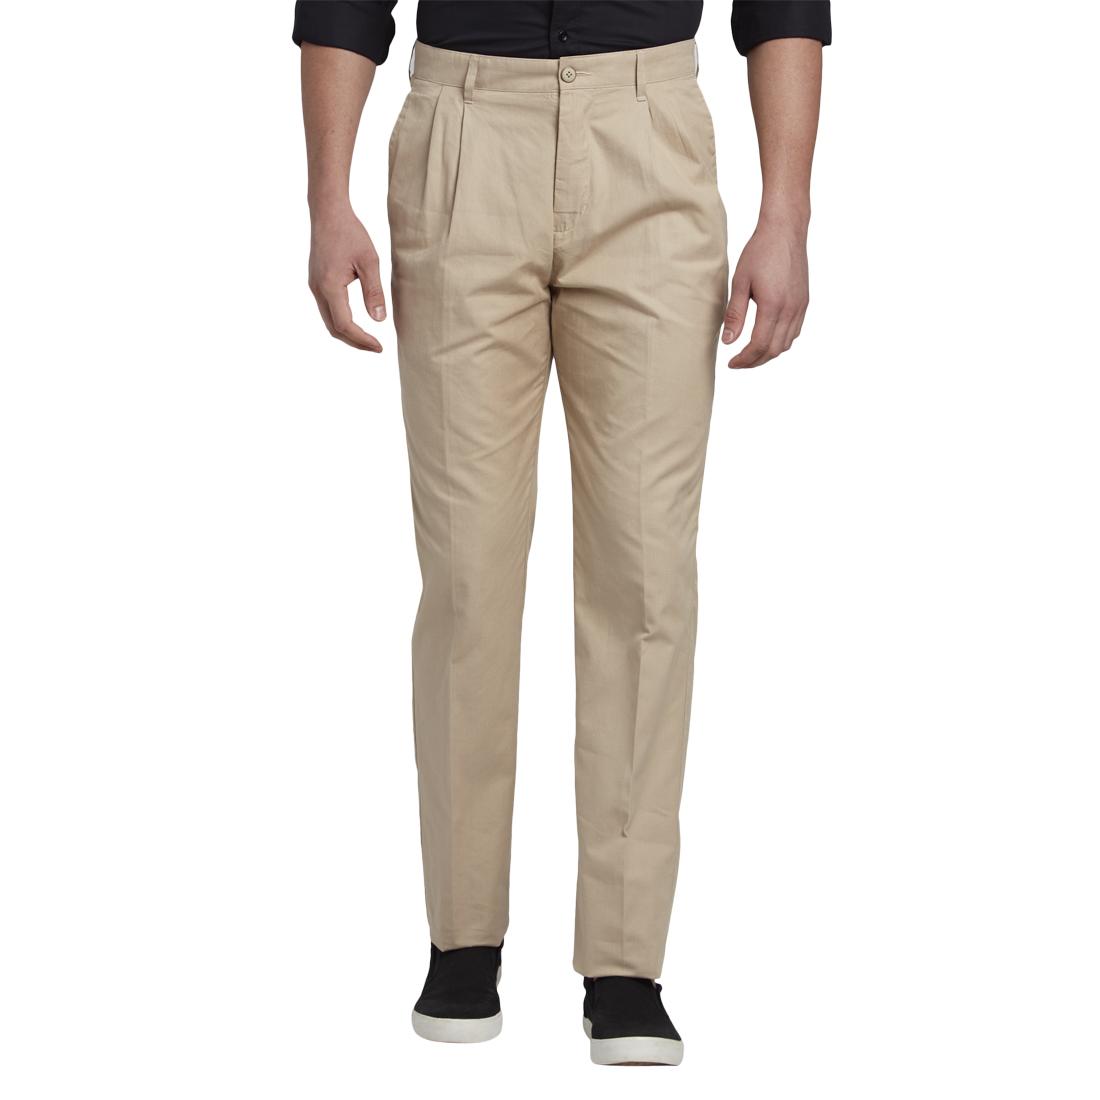 ColorPlus | ColorPlus Medium Fawn Regular Fit Trouser